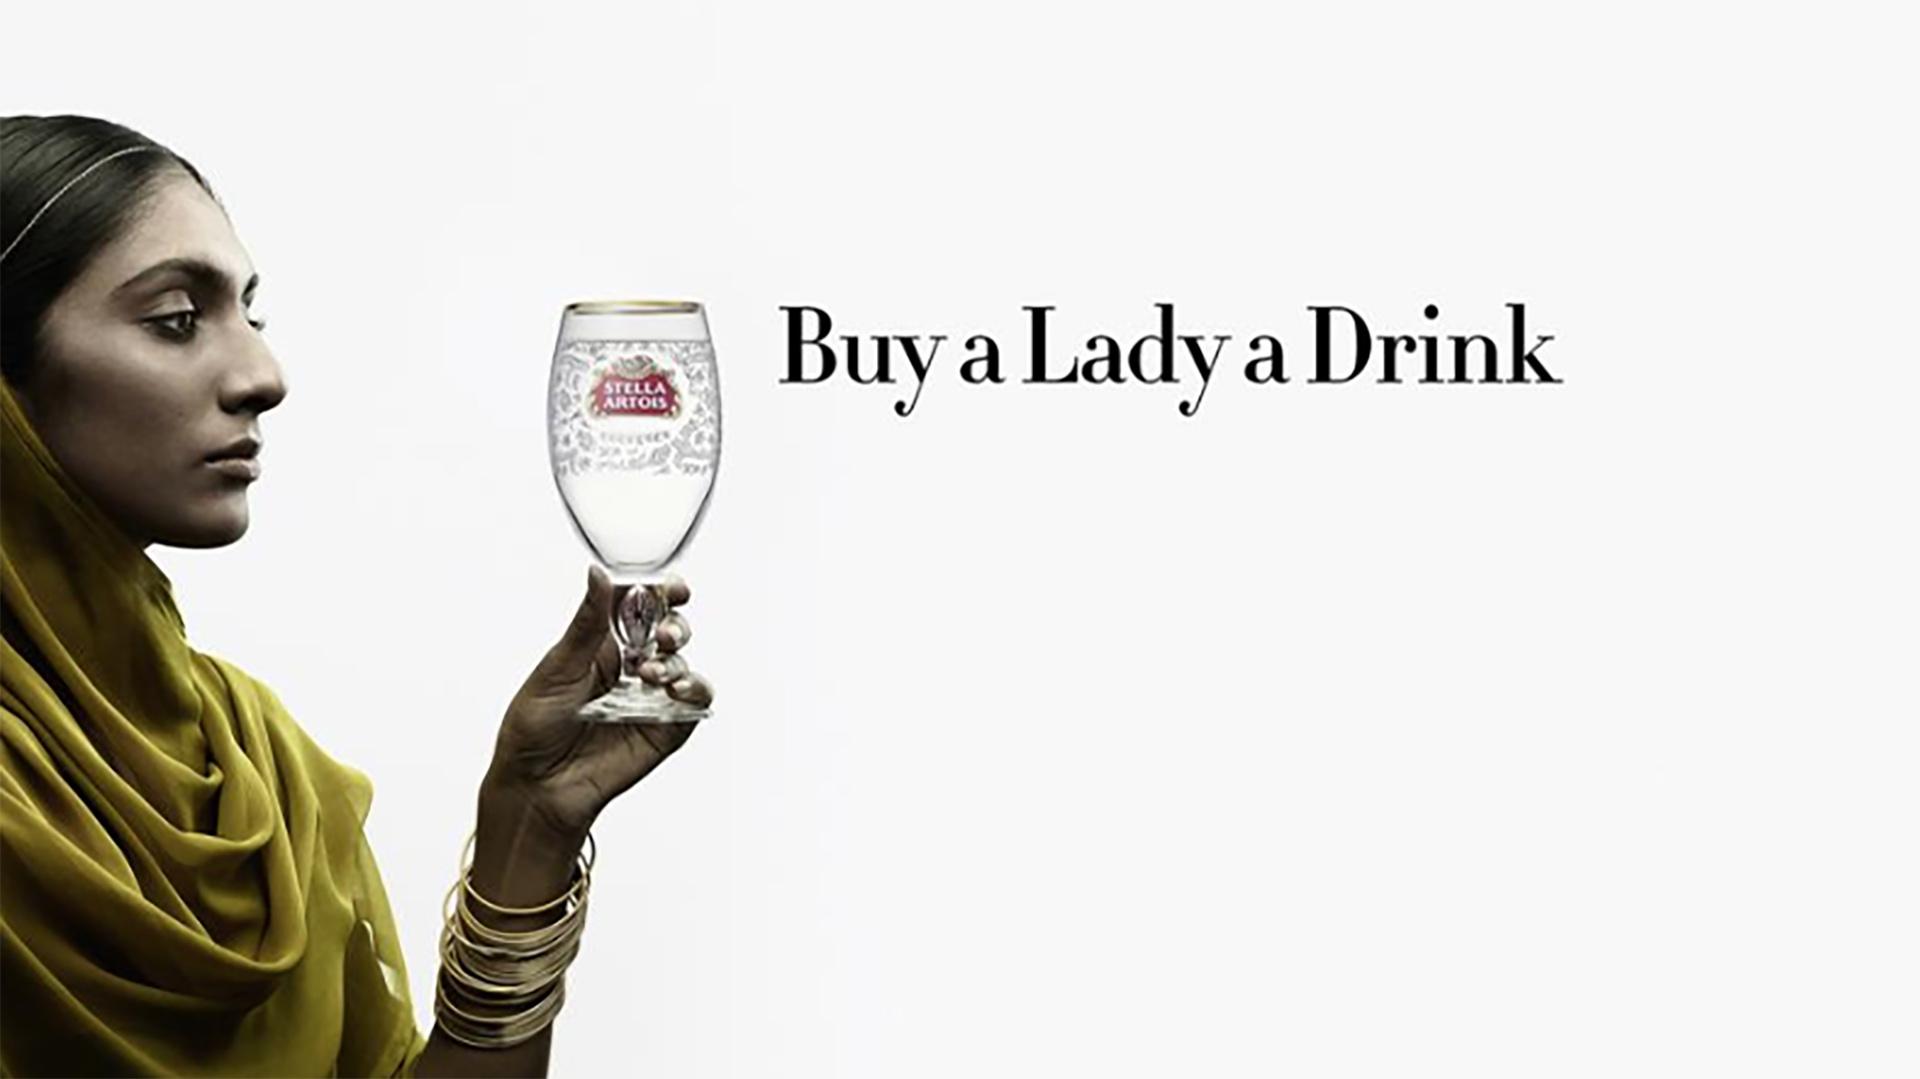 Stella Artois - Buy a Lady a Drink